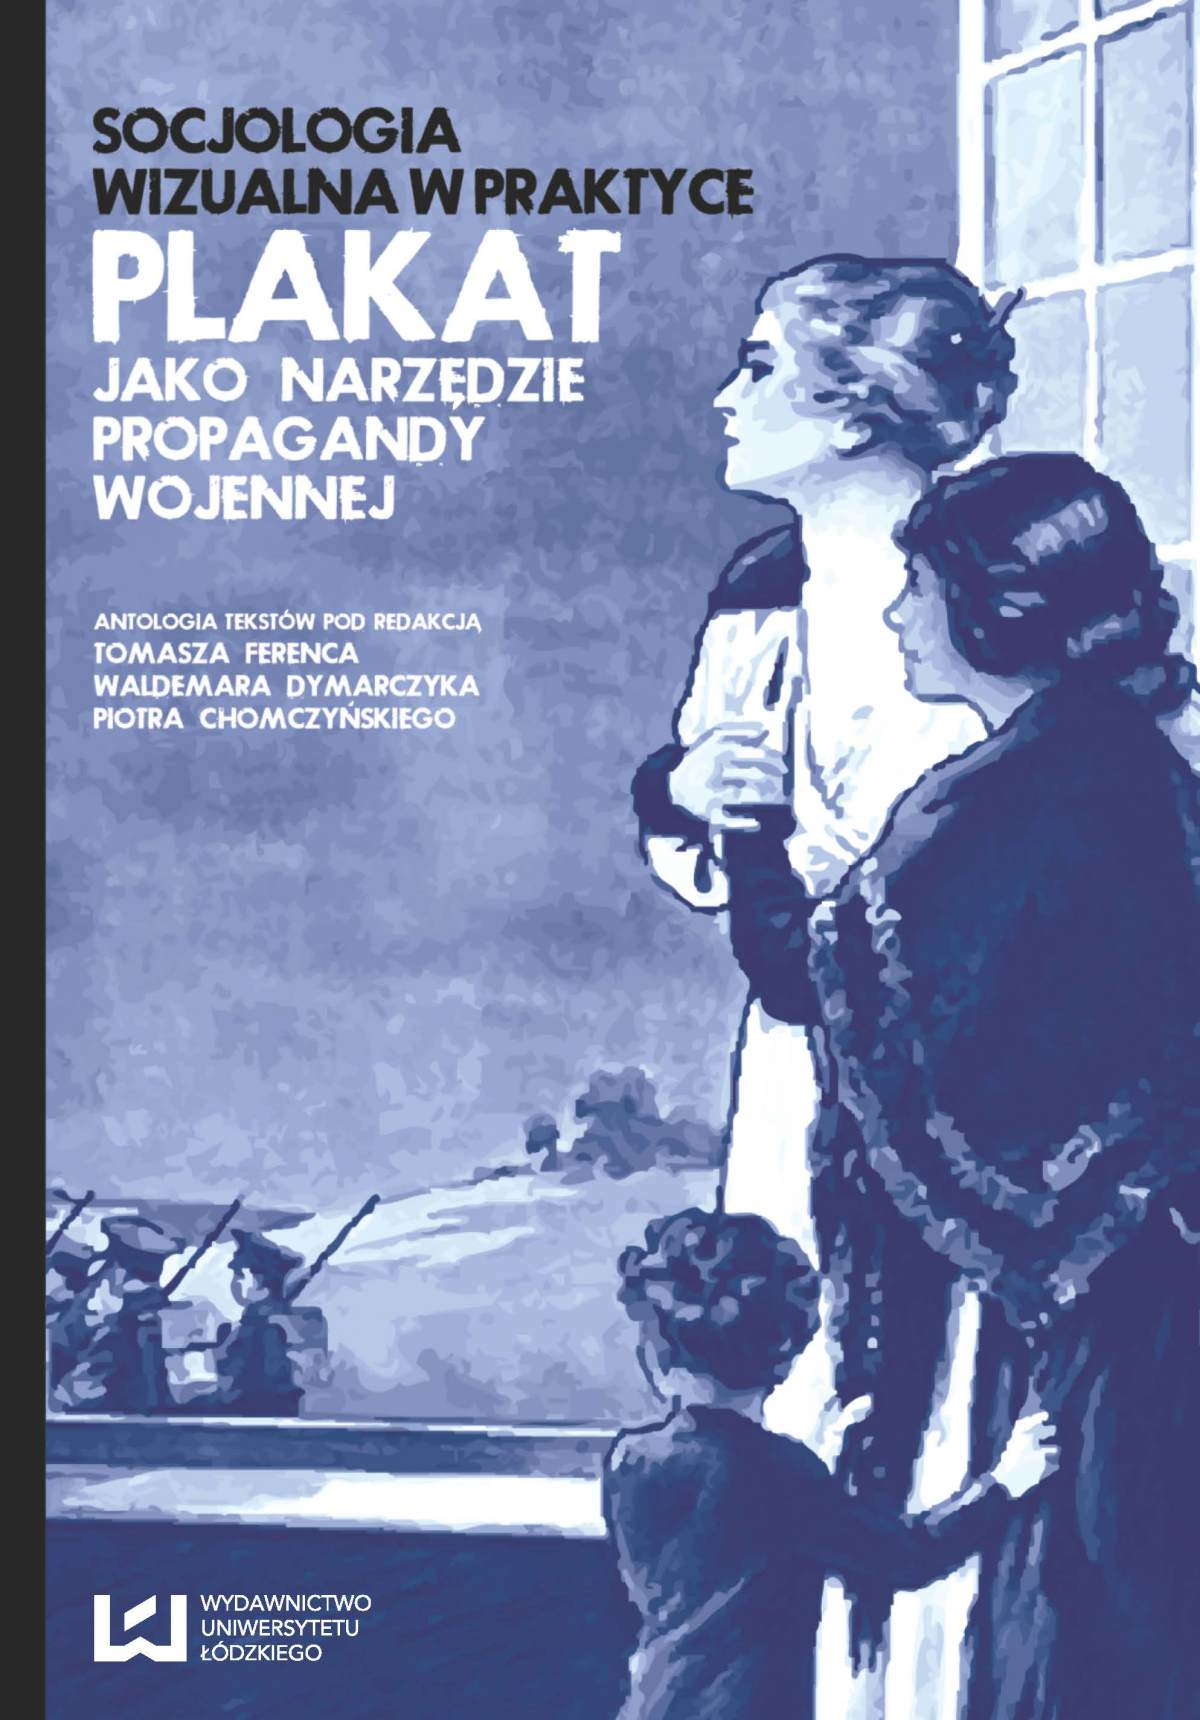 Socjologia wizualna w praktyce. Plakat jako narzędzie propagandy wojennej - Ebook (Książka PDF) do pobrania w formacie PDF